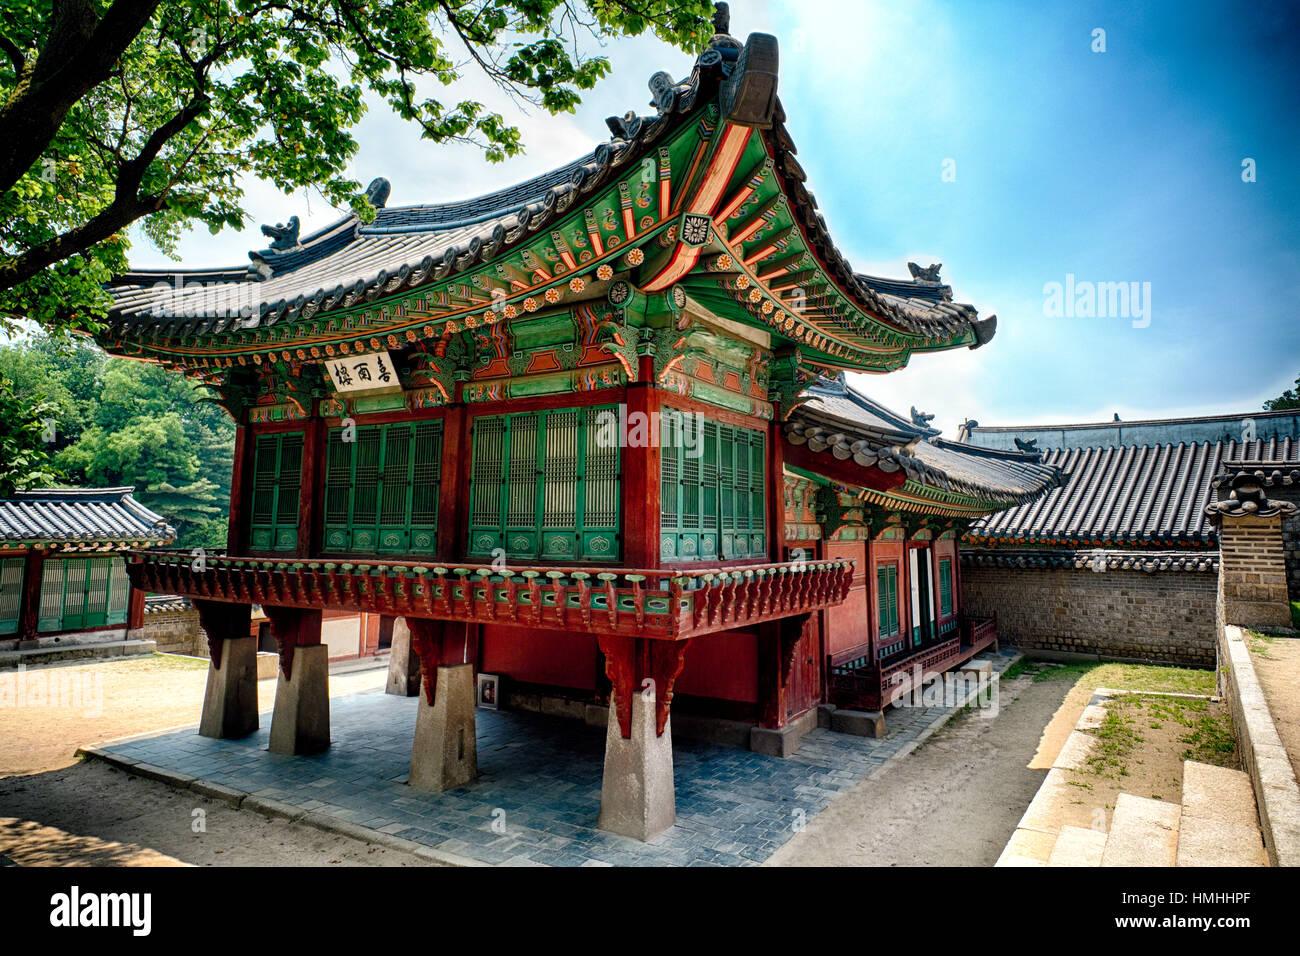 Ornamentados edificios tradicionales coreanas en el palacio Changdeokgung, Seúl, Corea del Sur Imagen De Stock